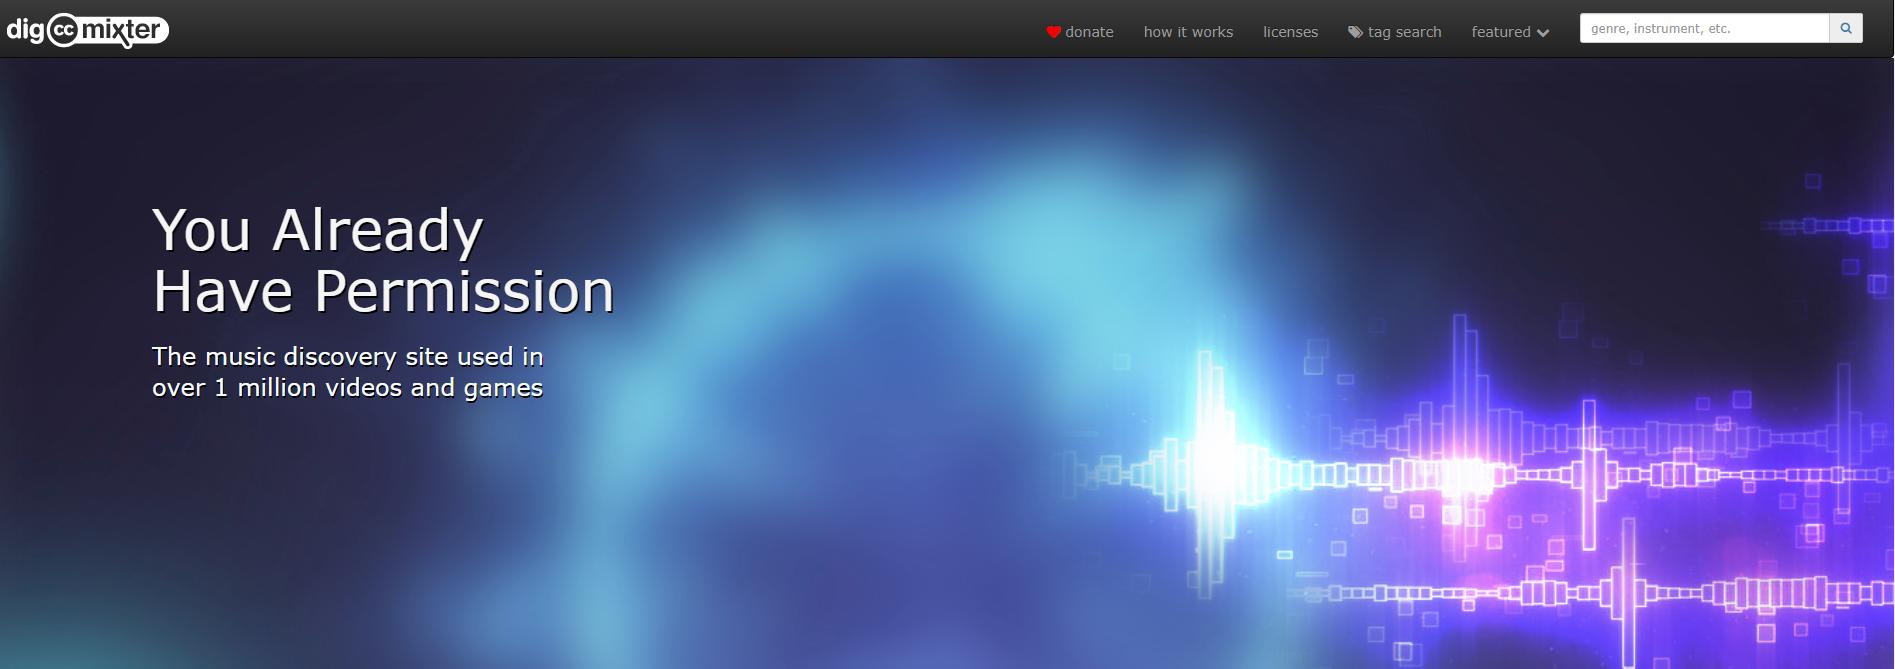 digccmixter web de música libre